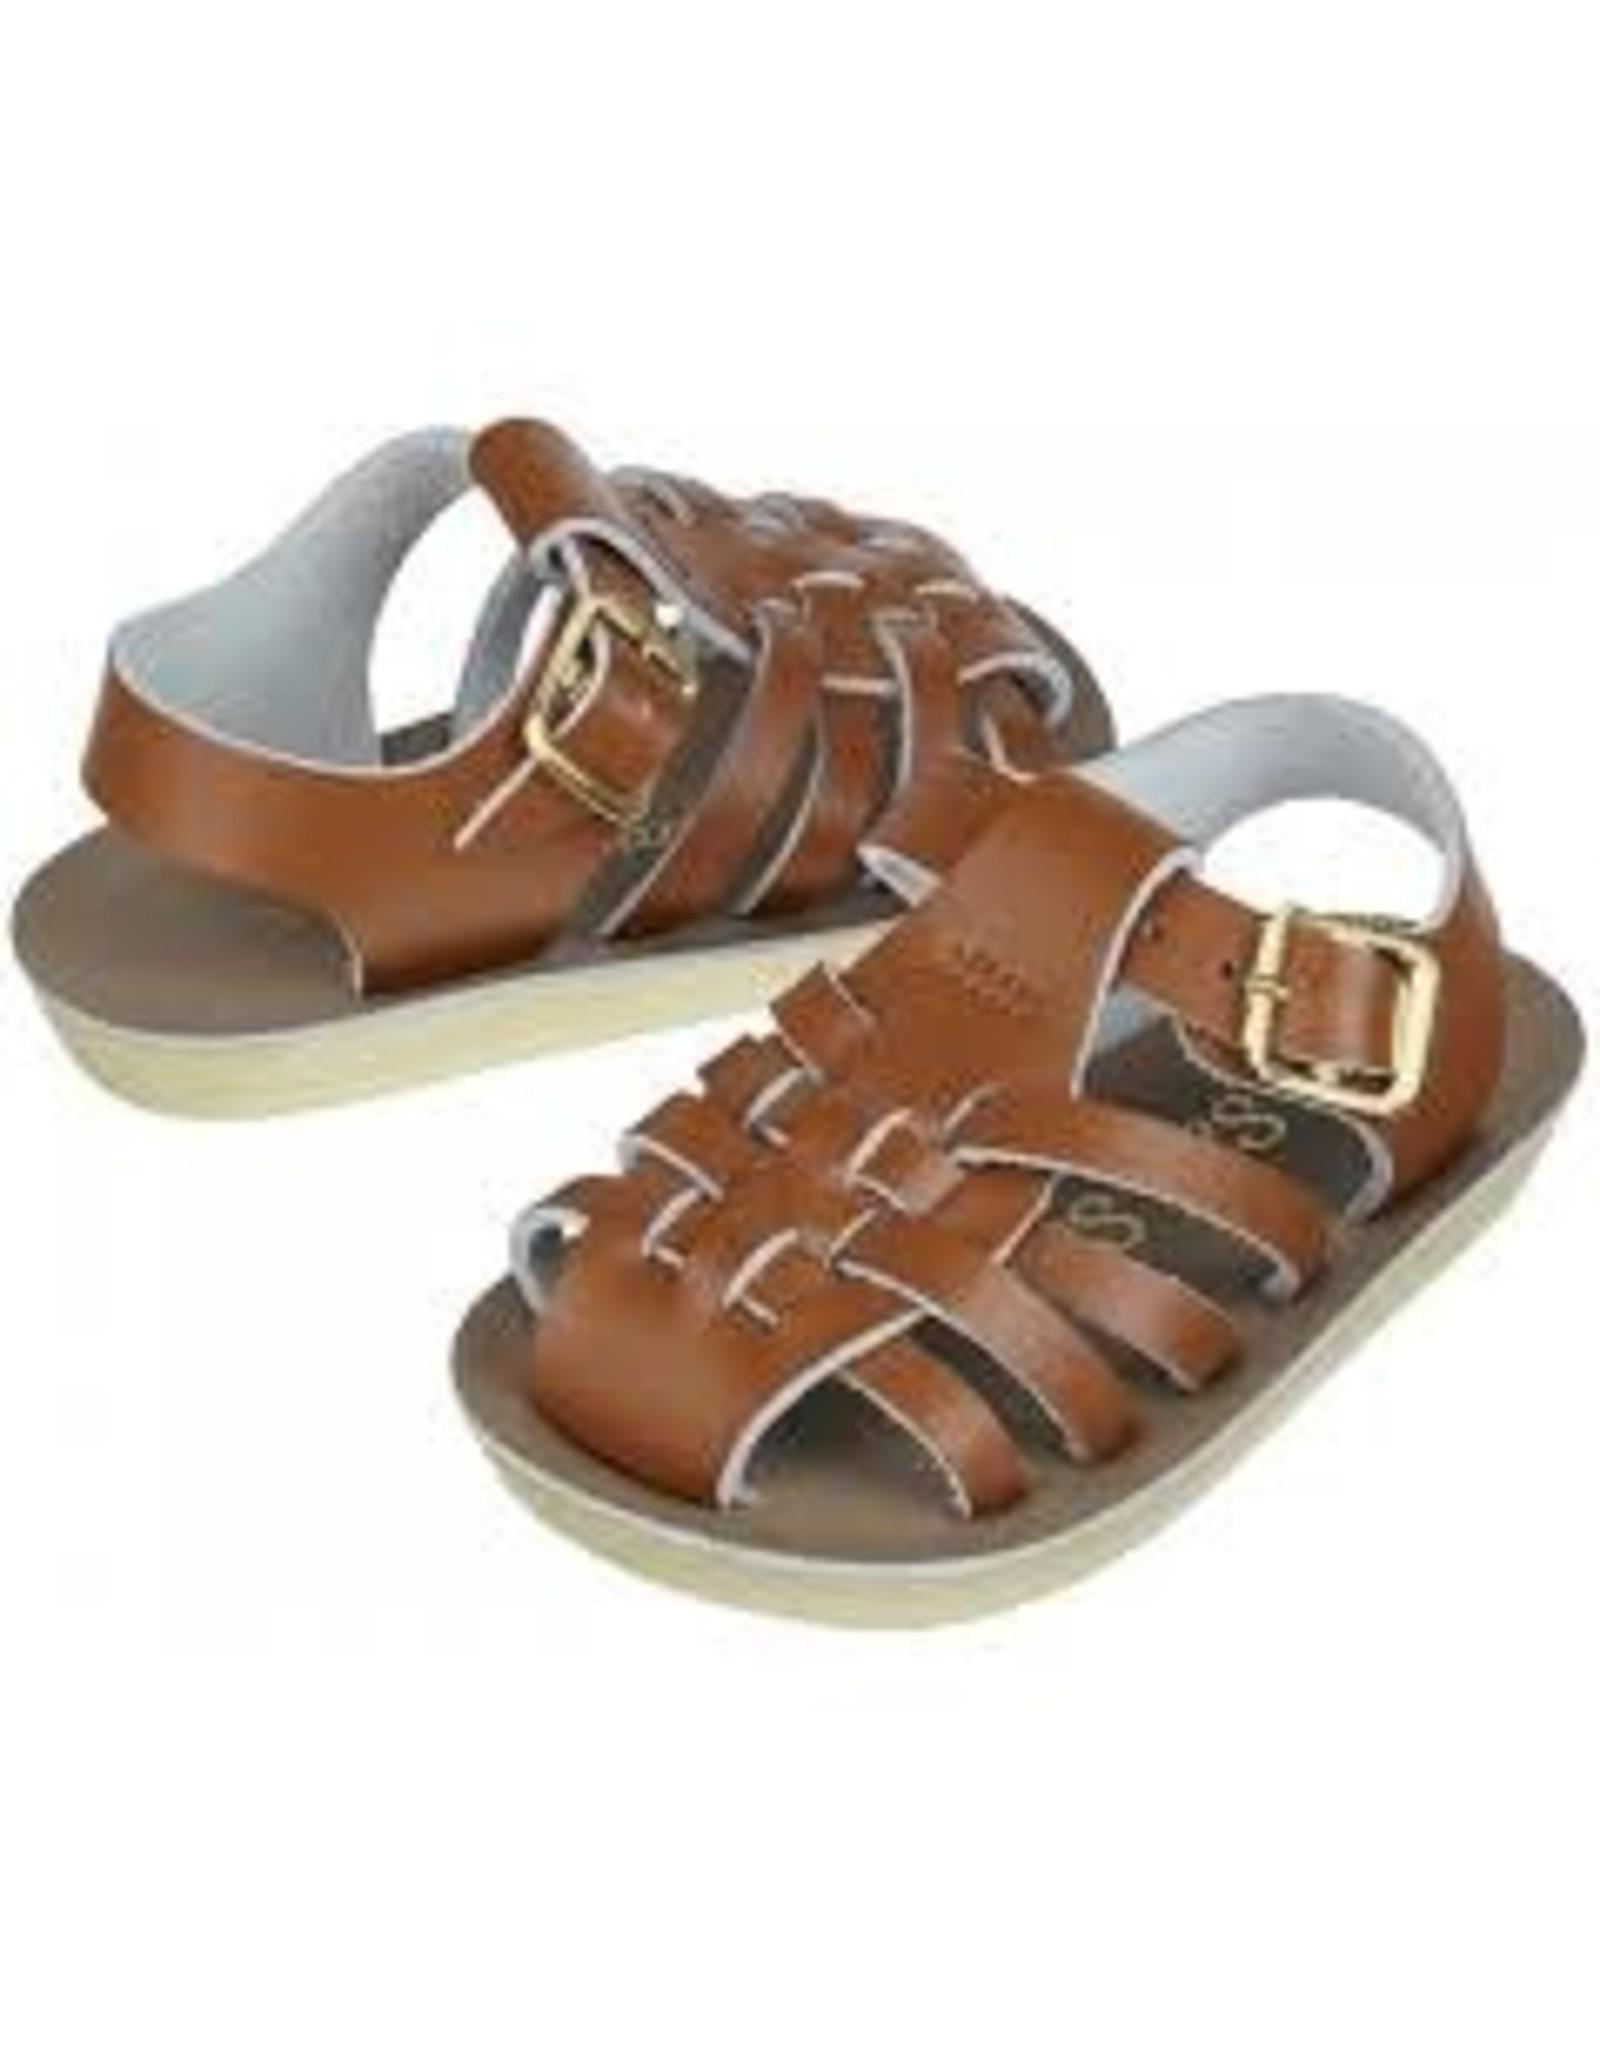 Salt Water Sandals sailor tan